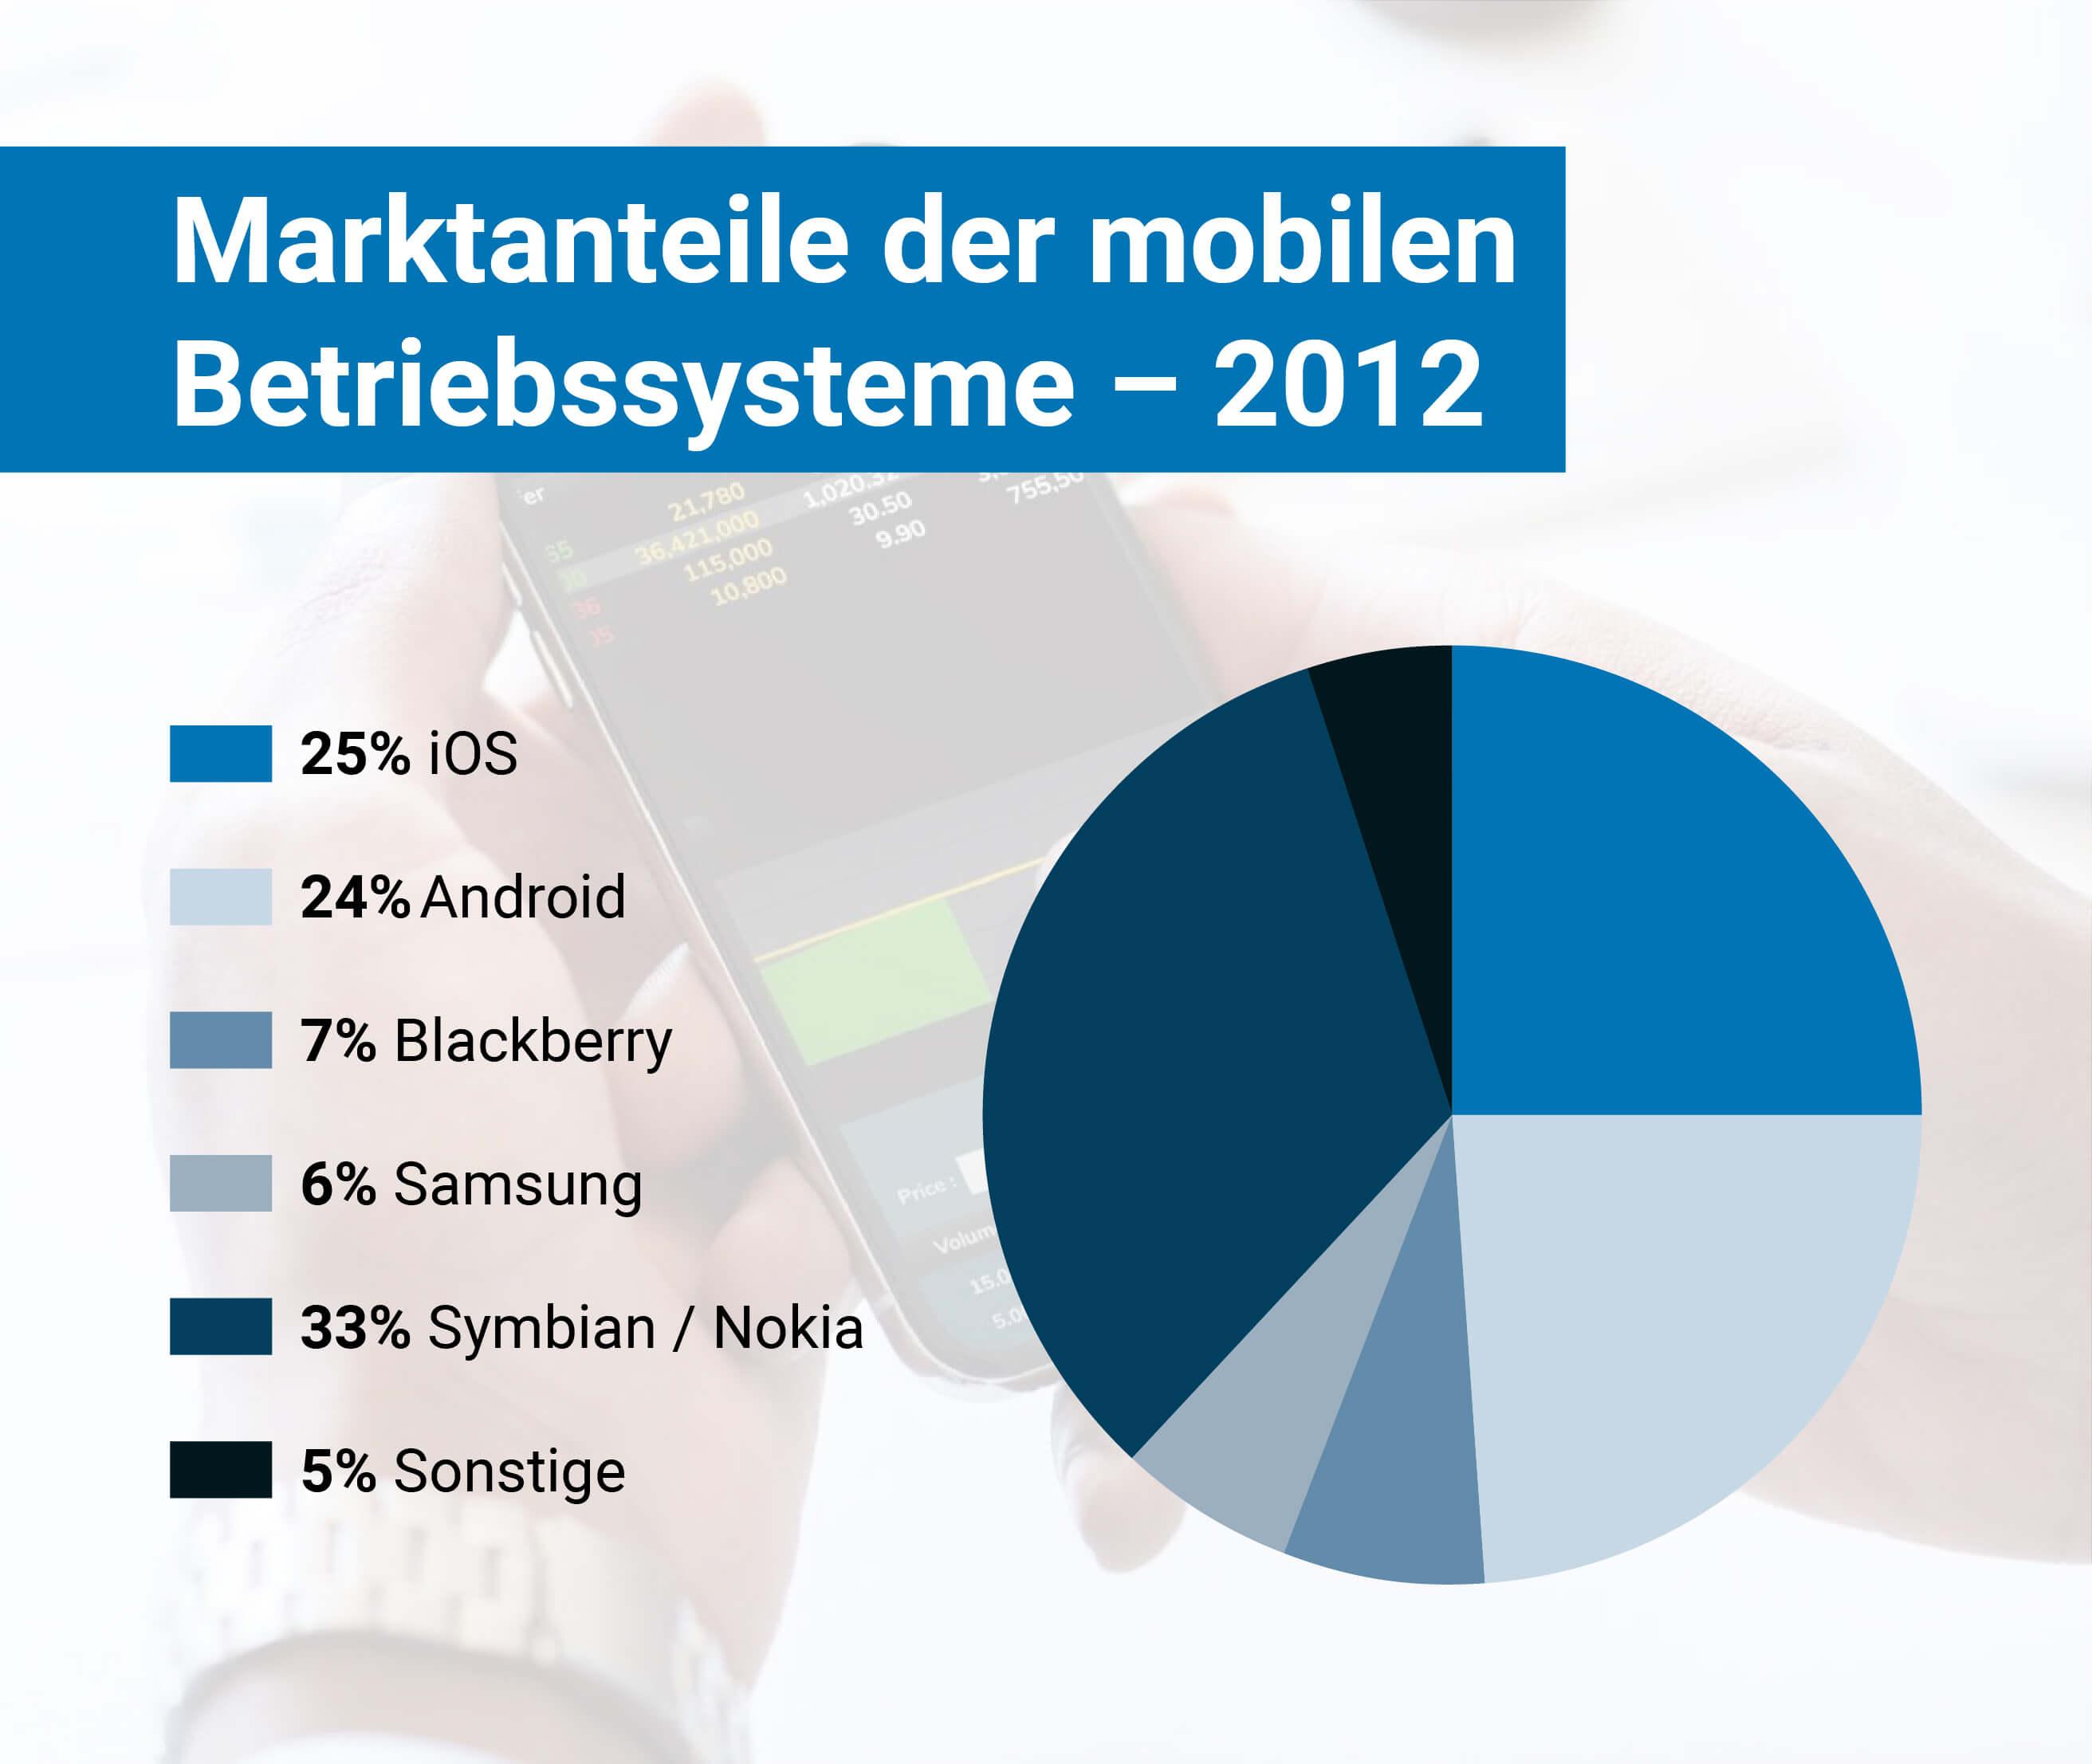 Marktanteile mobiler Betriebssysteme 2012